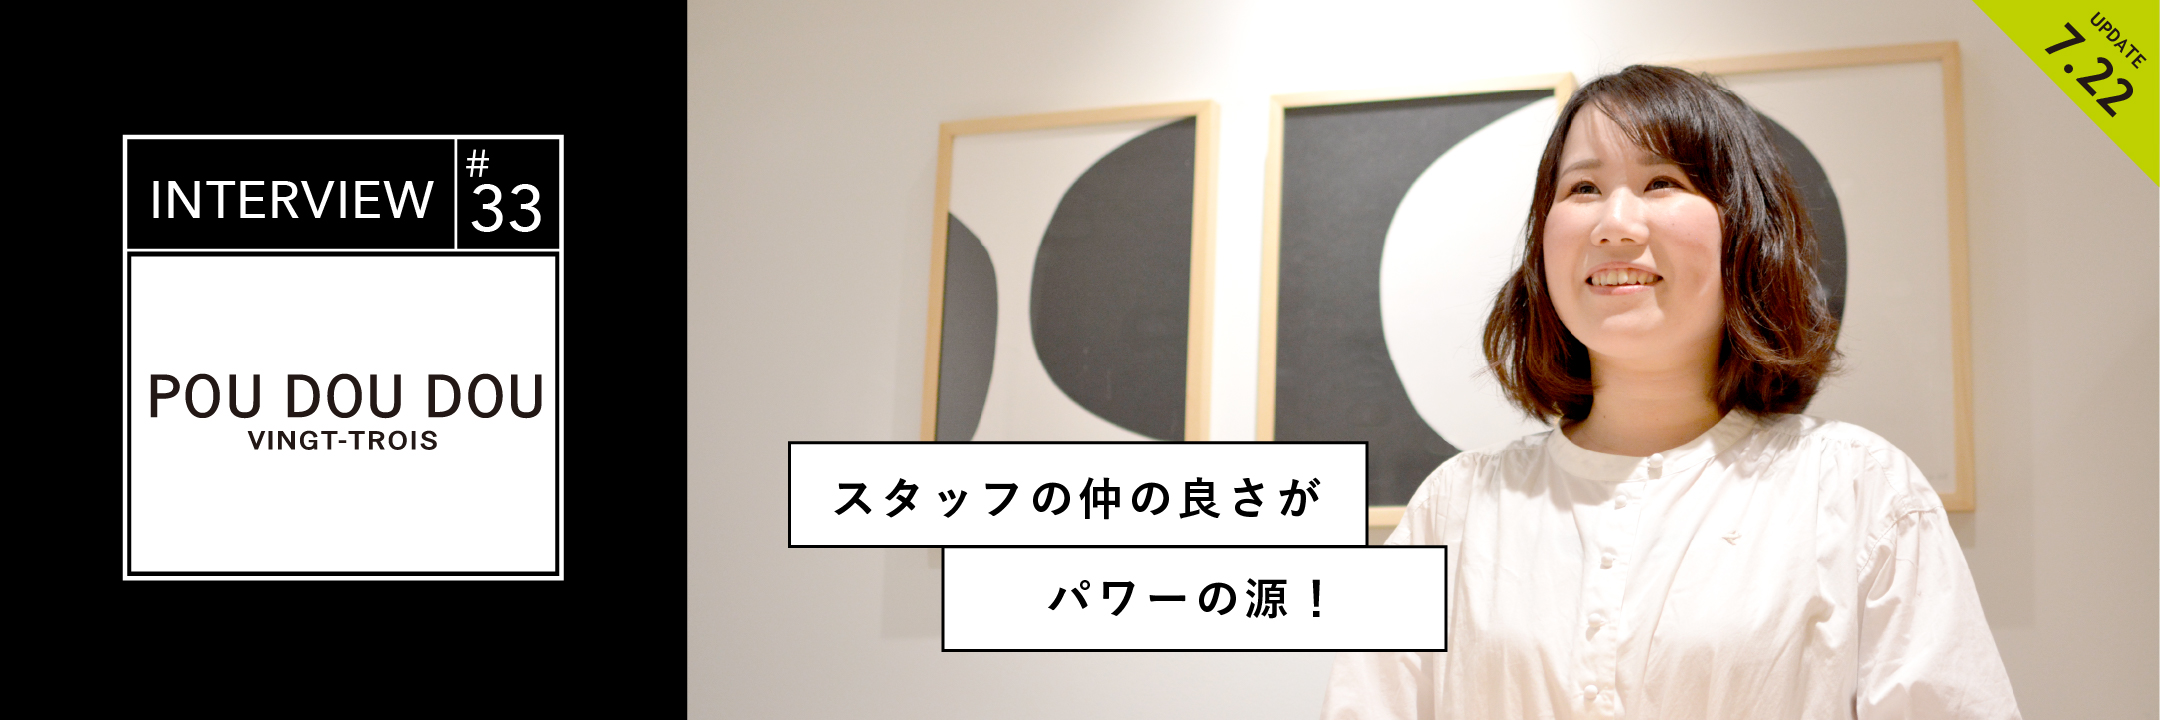 INTERVIEW33